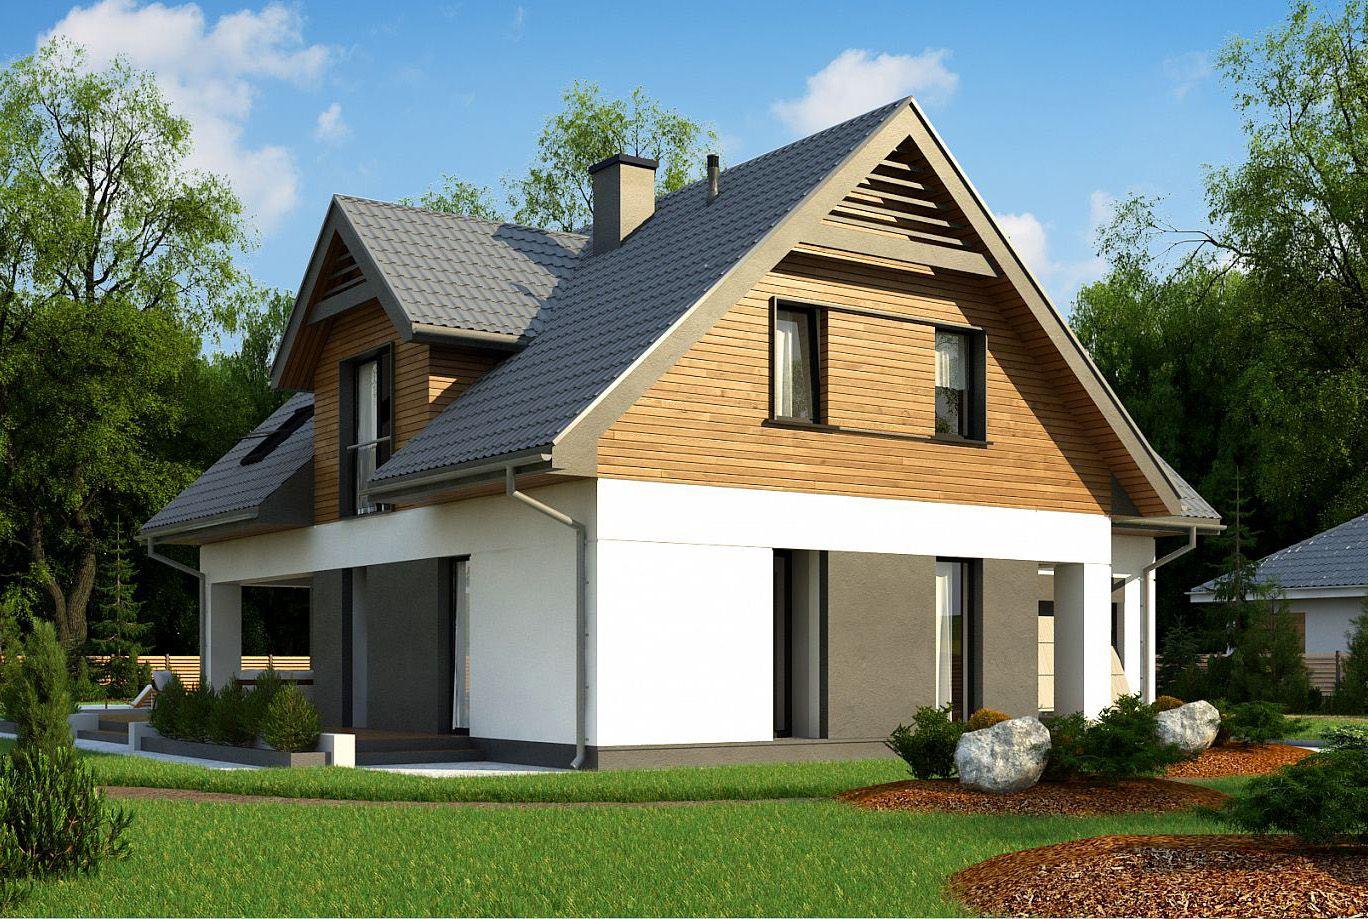 Jednorodzinny Dom Parterowy Z Poddaszem Użytkowym I Garażem Oraz